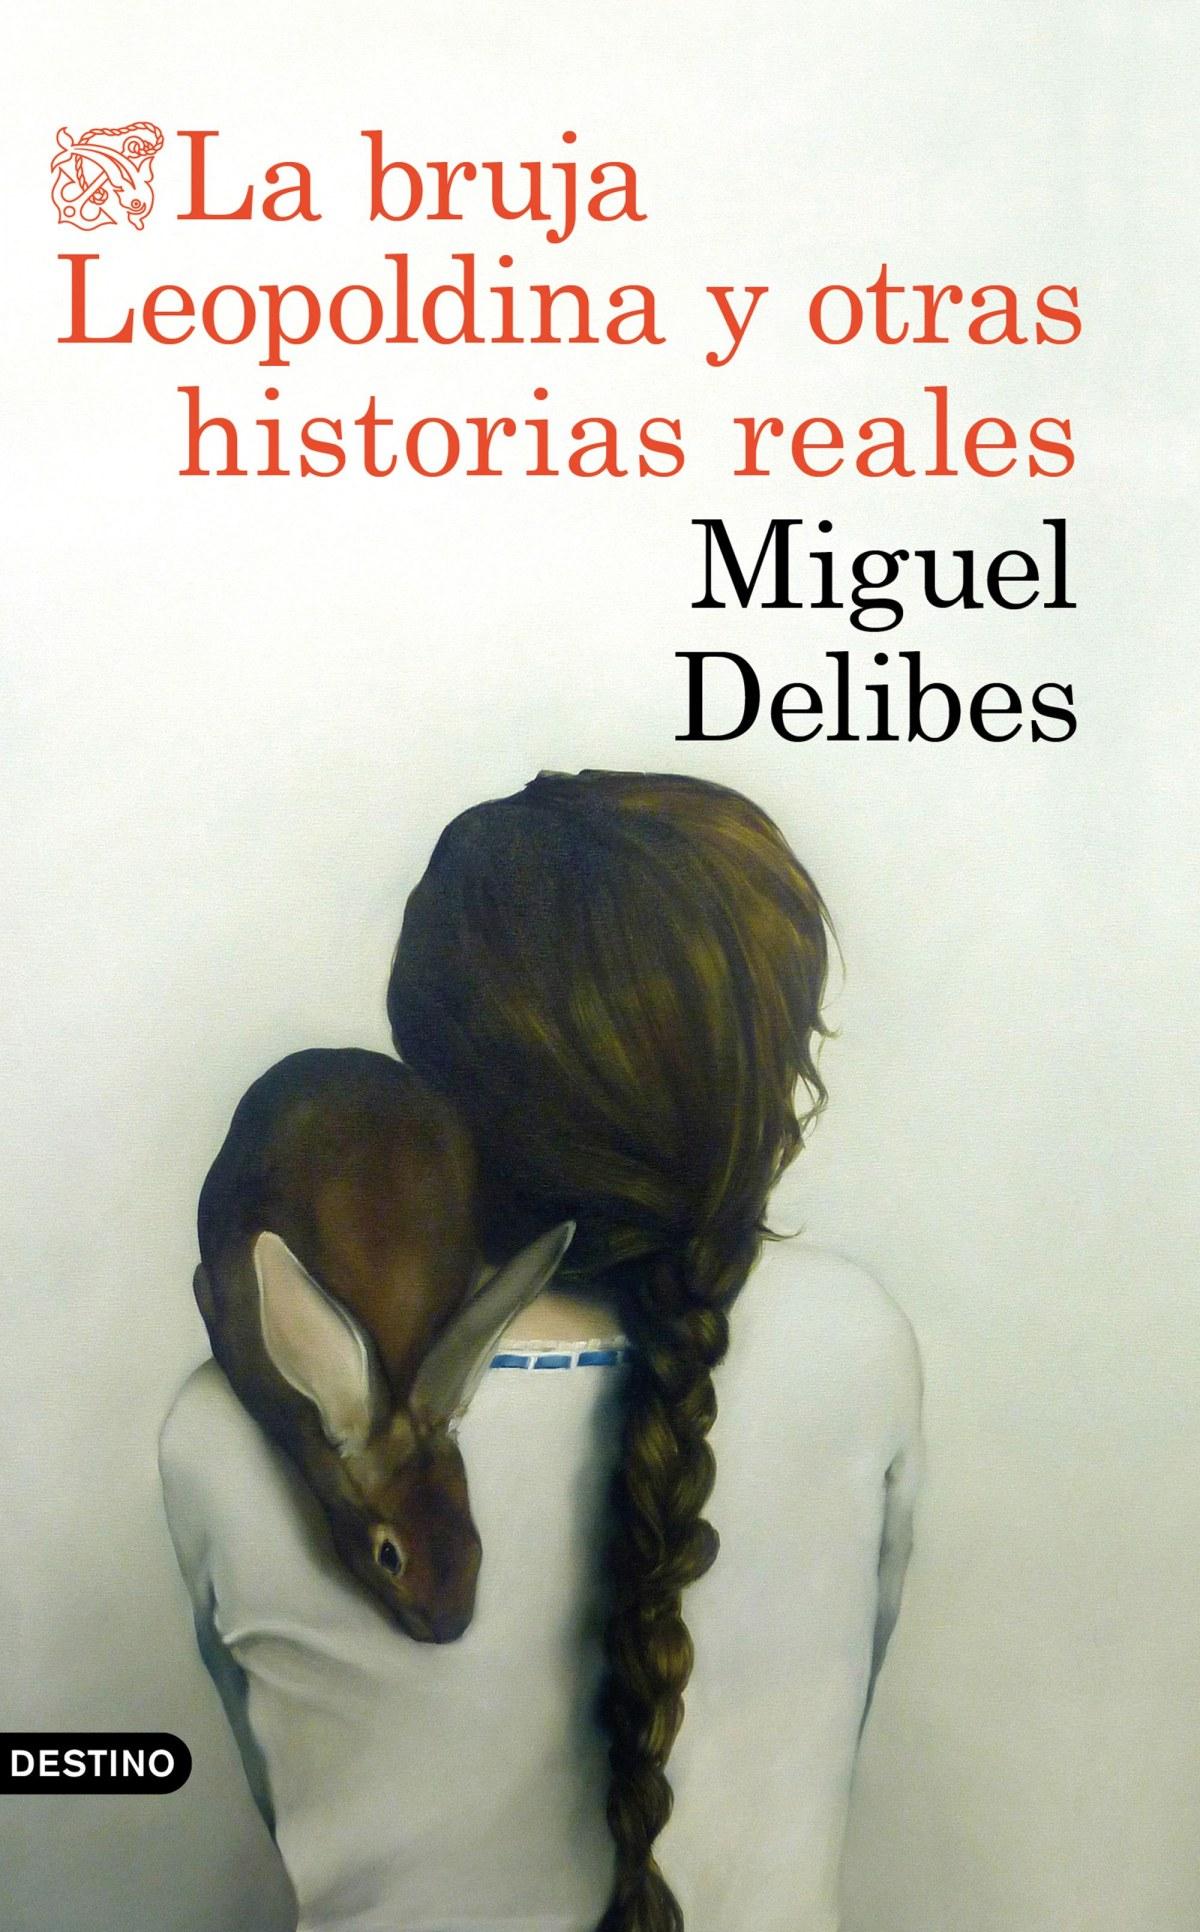 LA BRUJA LEOPOLDINA Y OTRAS HISTORIAS REALES 9788423353880